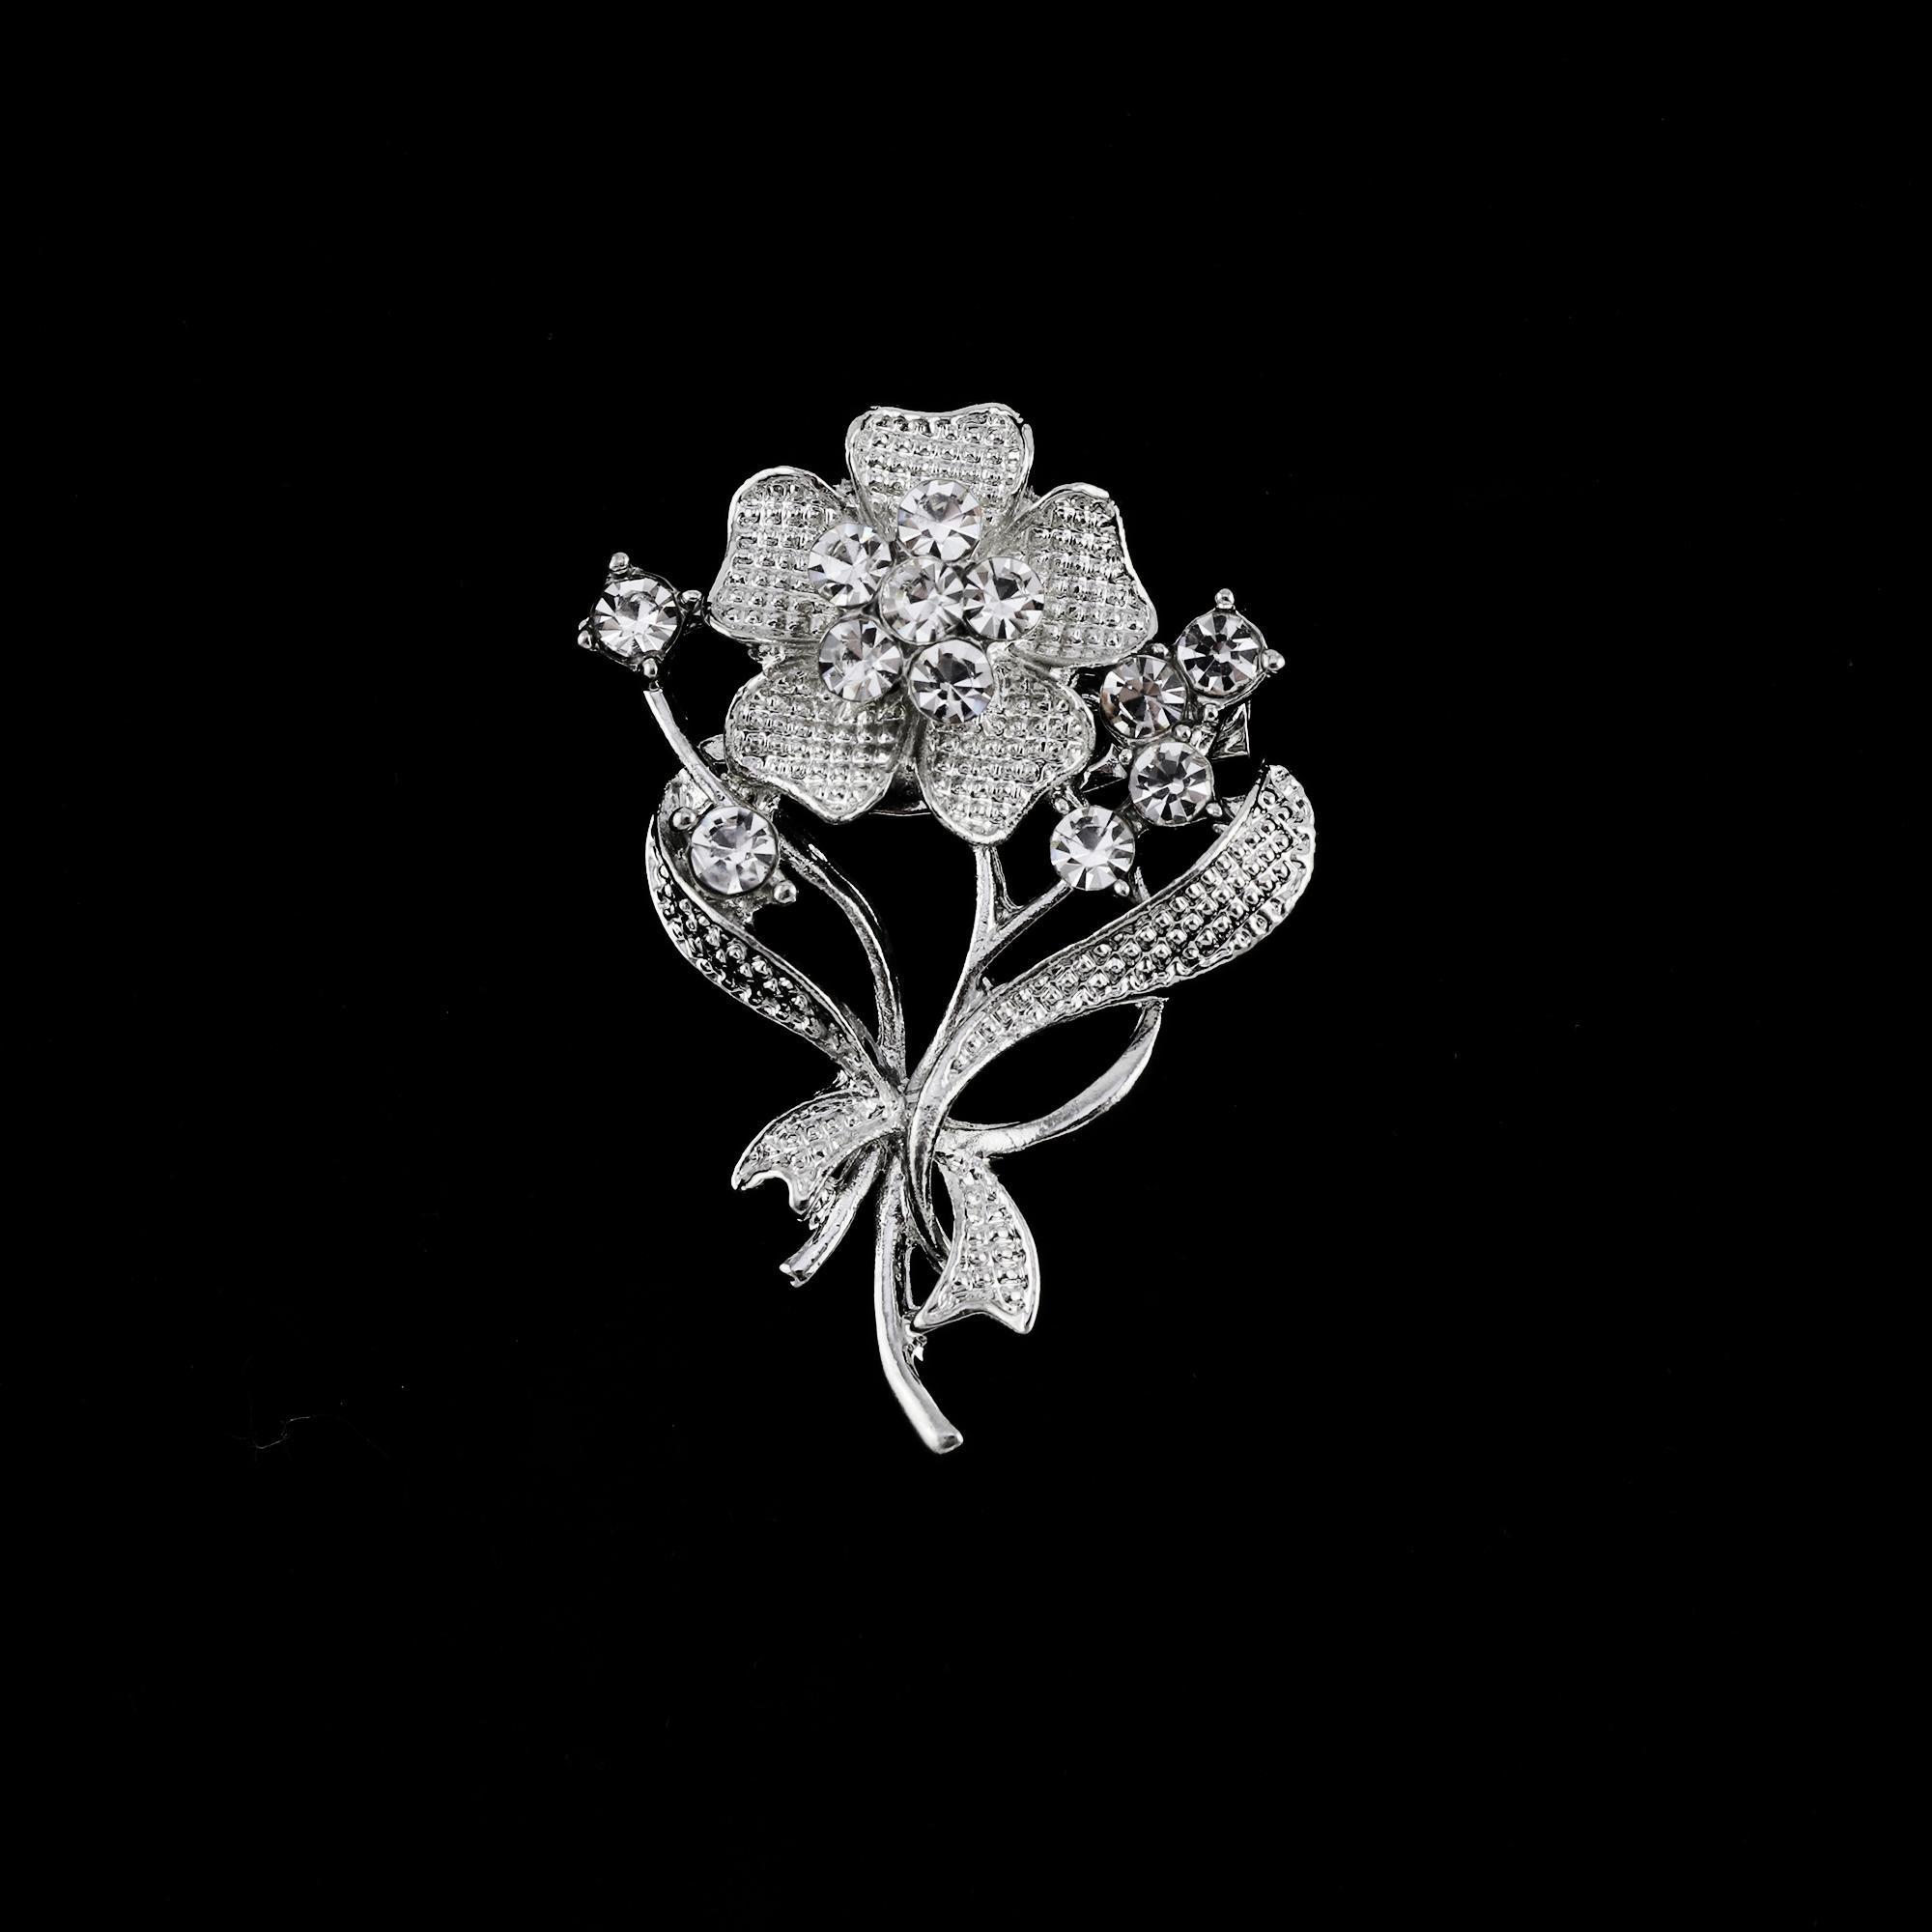 ed81cb1c14 Twinkle Fashion-Elegant Silver Rhinestone Brooch-C00422